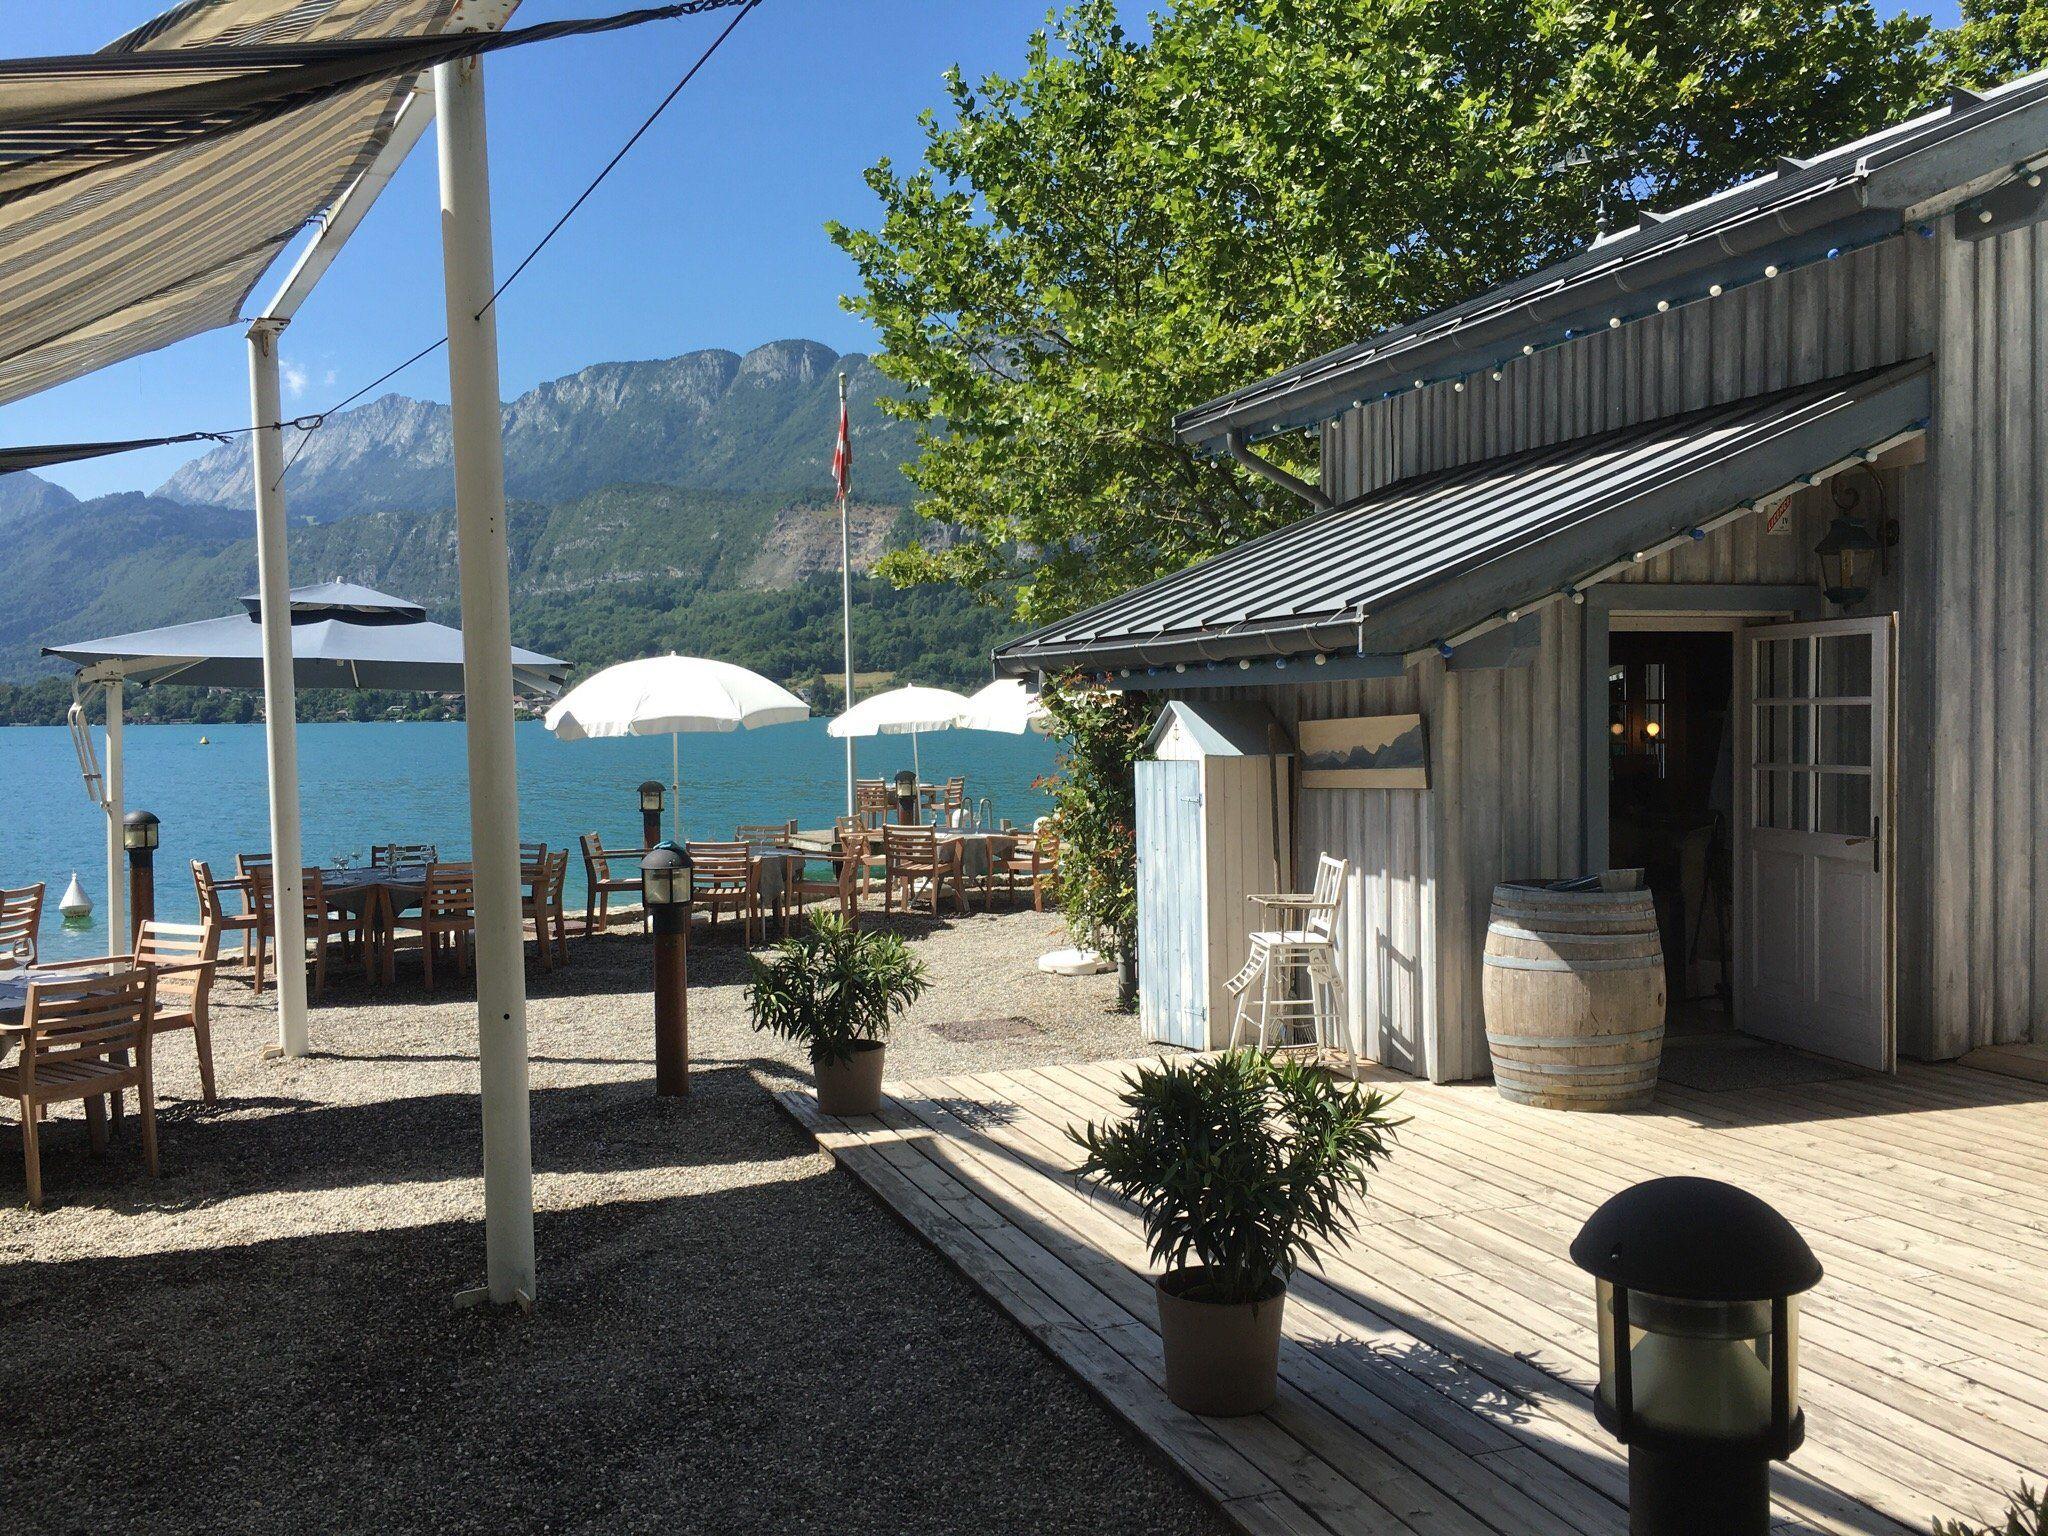 Le Petit Paradis Talloires Restaurant Avis Numéro de Téléphone